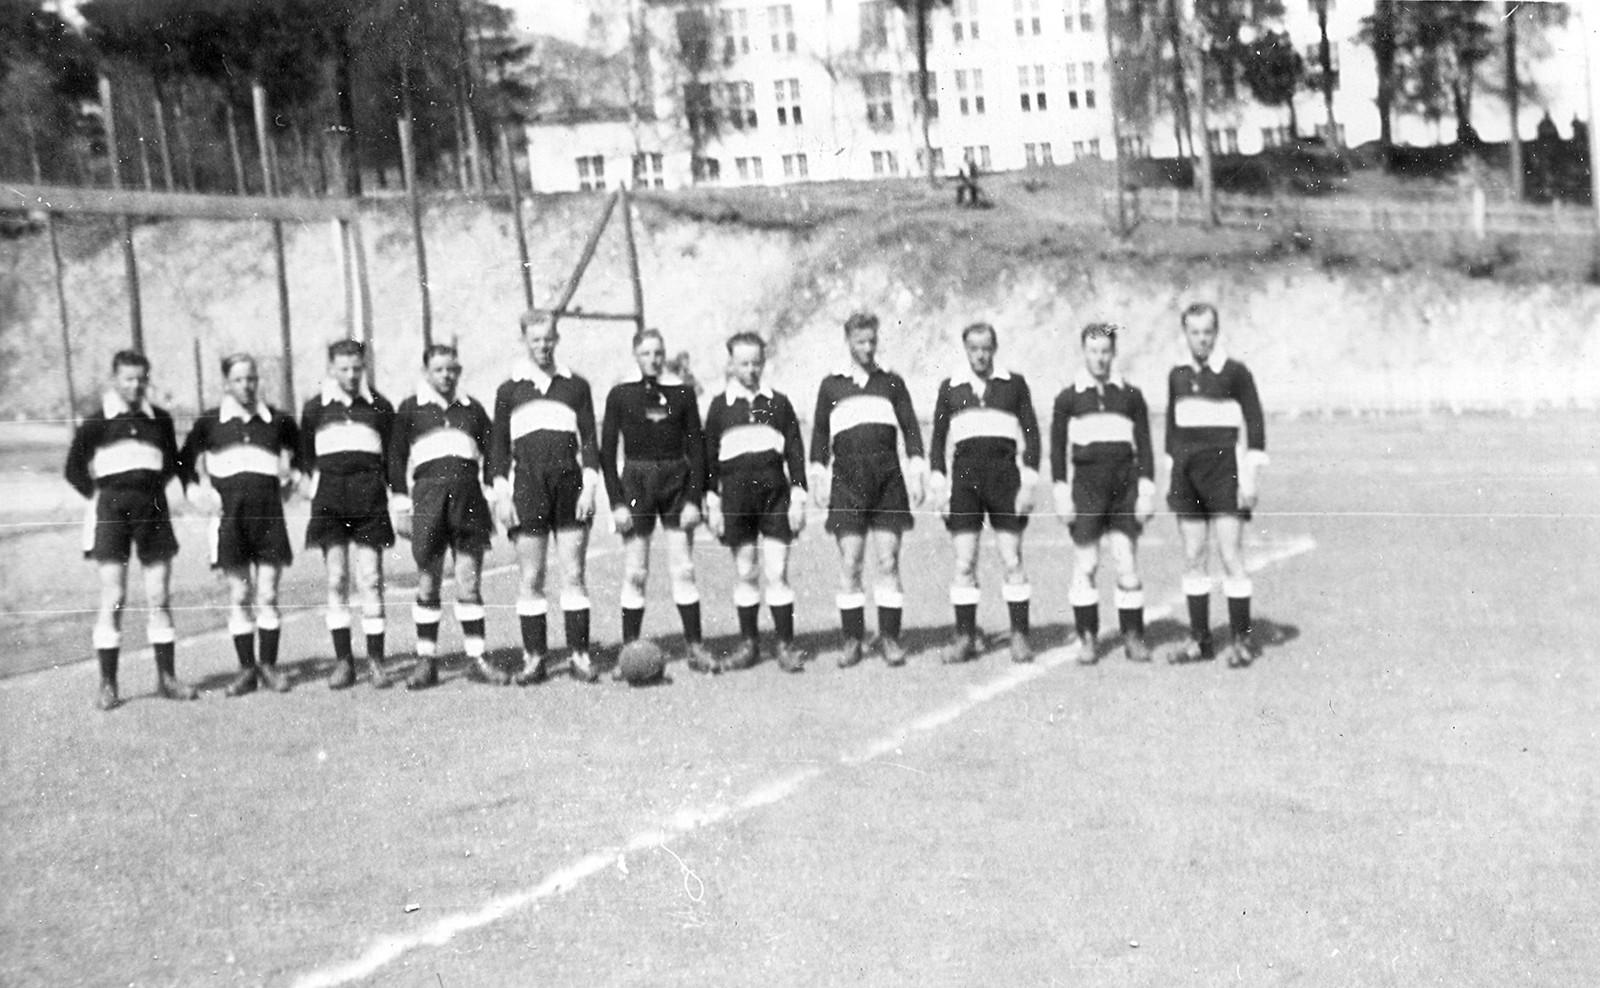 Tyske soldatar klar til fotballkamp på Voss. Skulen i bakgrunnen.